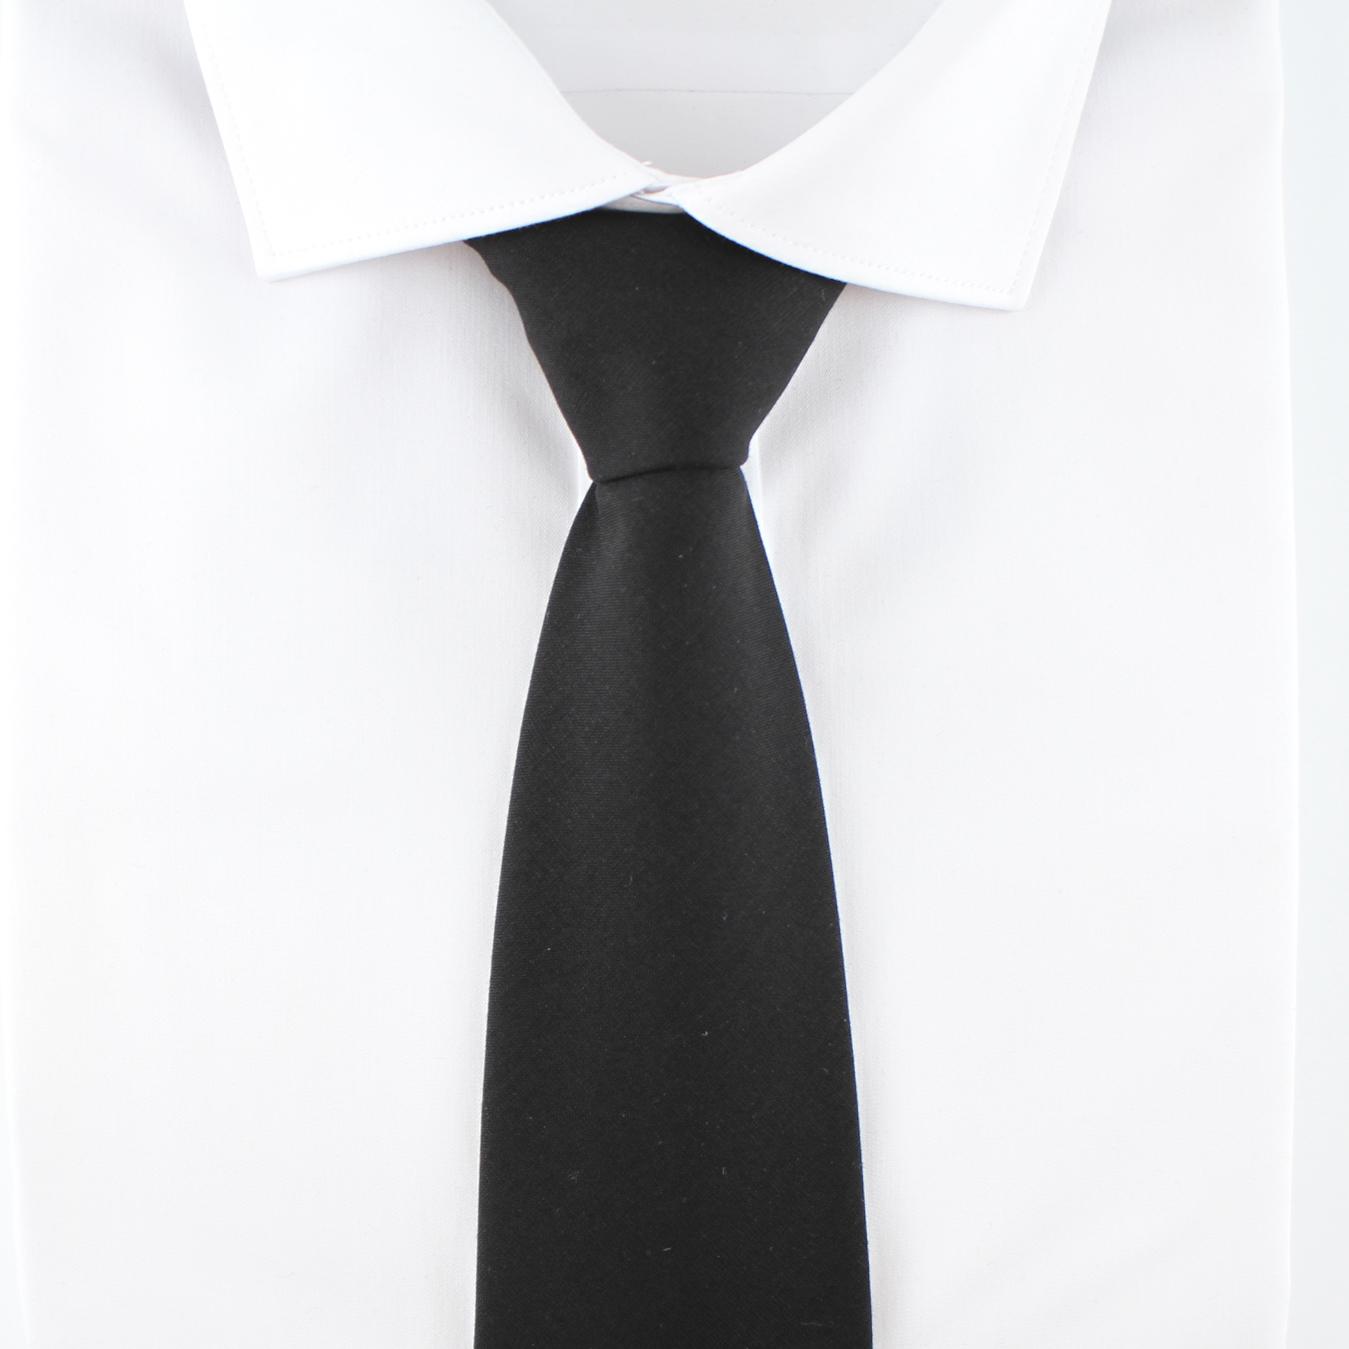 솔리드 블랙 넥타이 N456